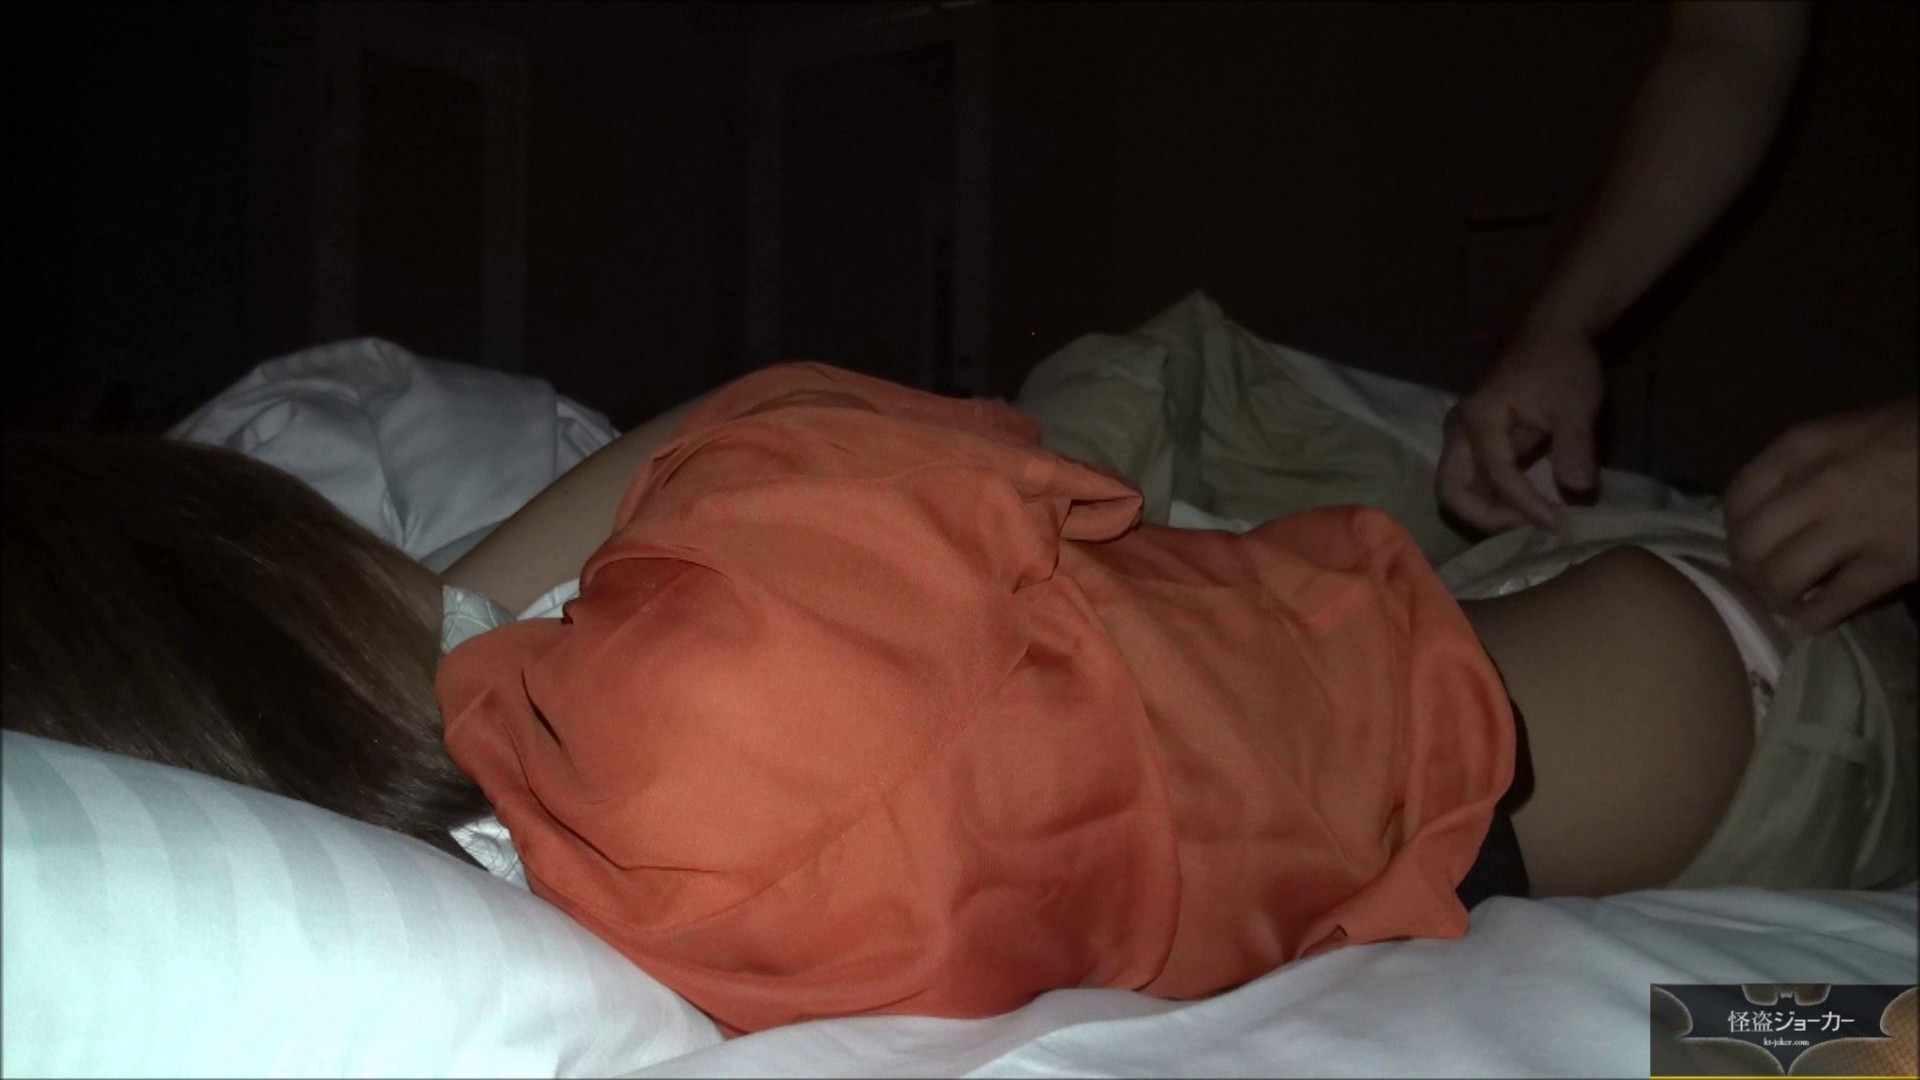 【未公開】vol.69{BLENDA系美女&黒ギャル}UA・Mちゃん2人とホテル フェチ   ギャル攻め  96画像 56